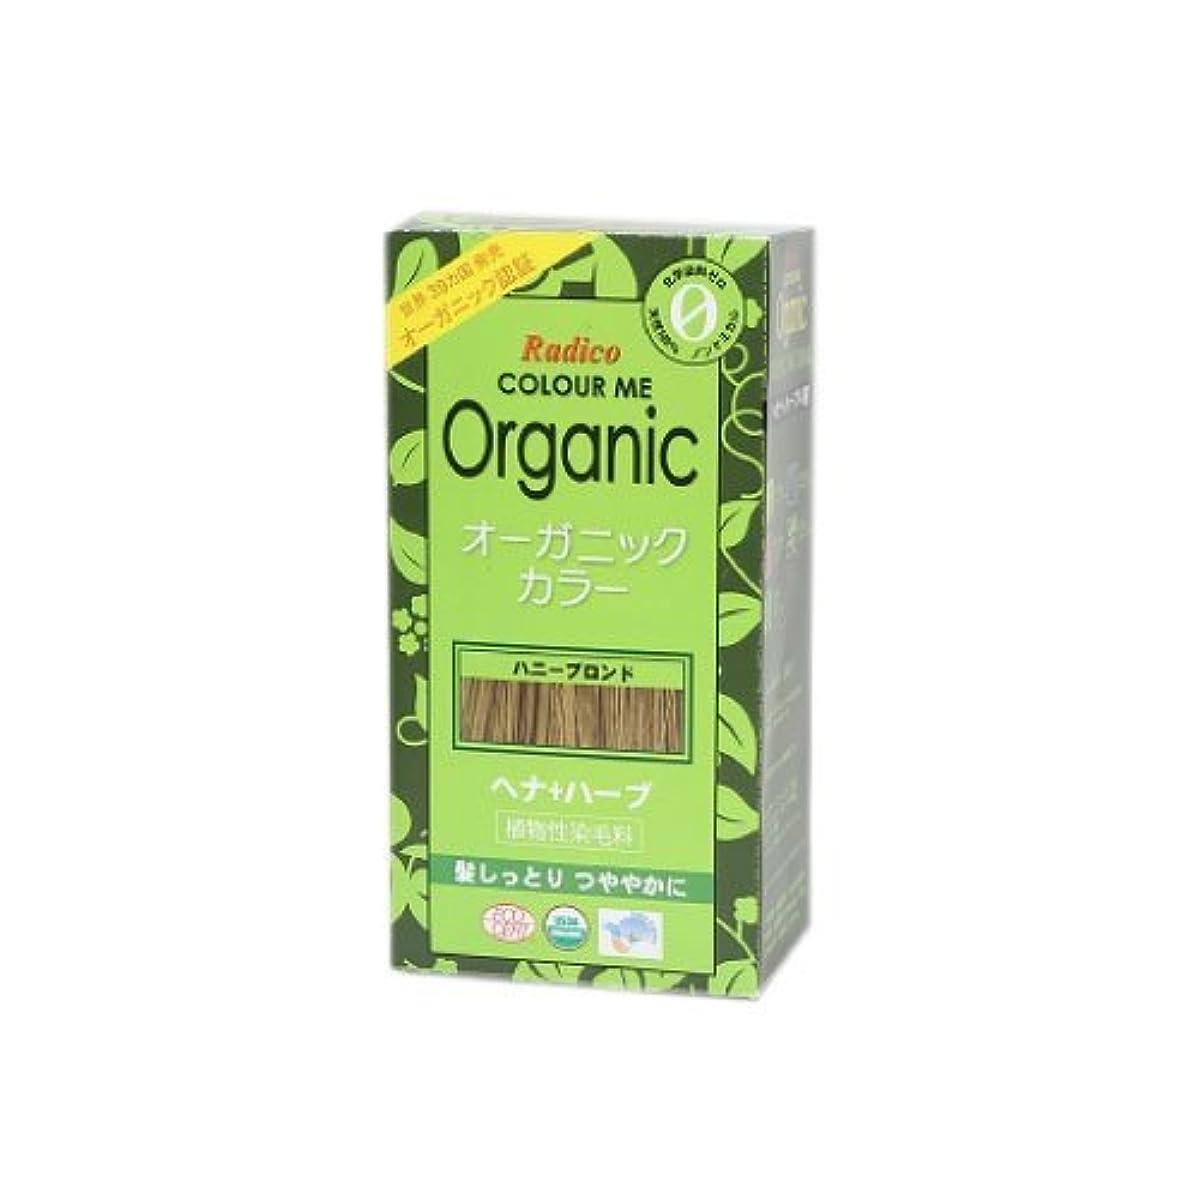 独立したありがたい化石COLOURME Organic (カラーミーオーガニック ヘナ 白髪用) ハニーブロンド 100g